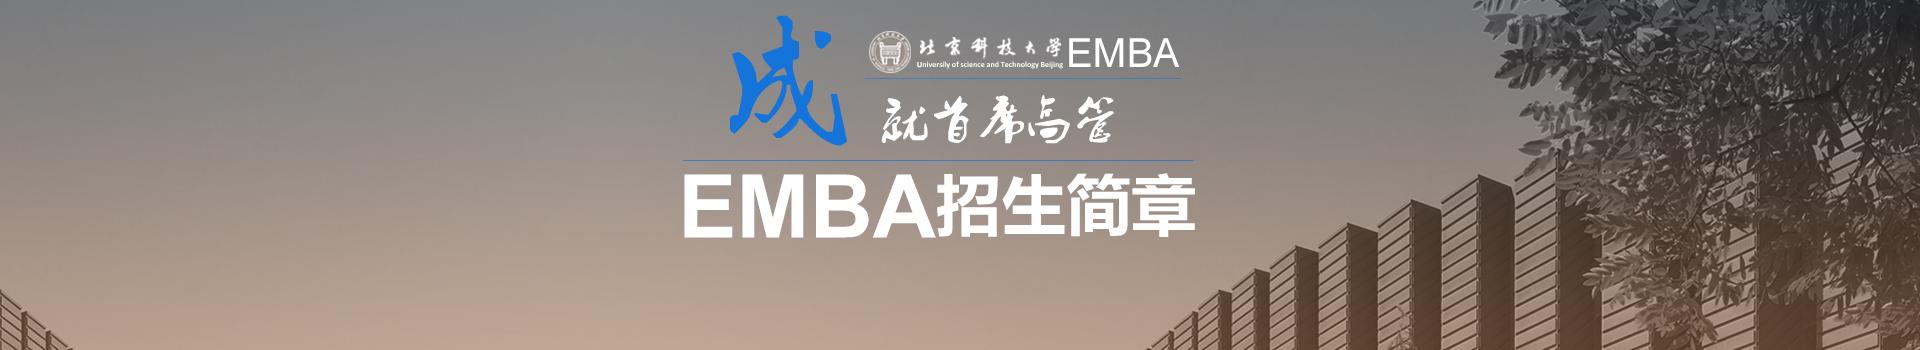 北京科技大学东凌经济管理学院高级工商管理硕士EMBA招生简章